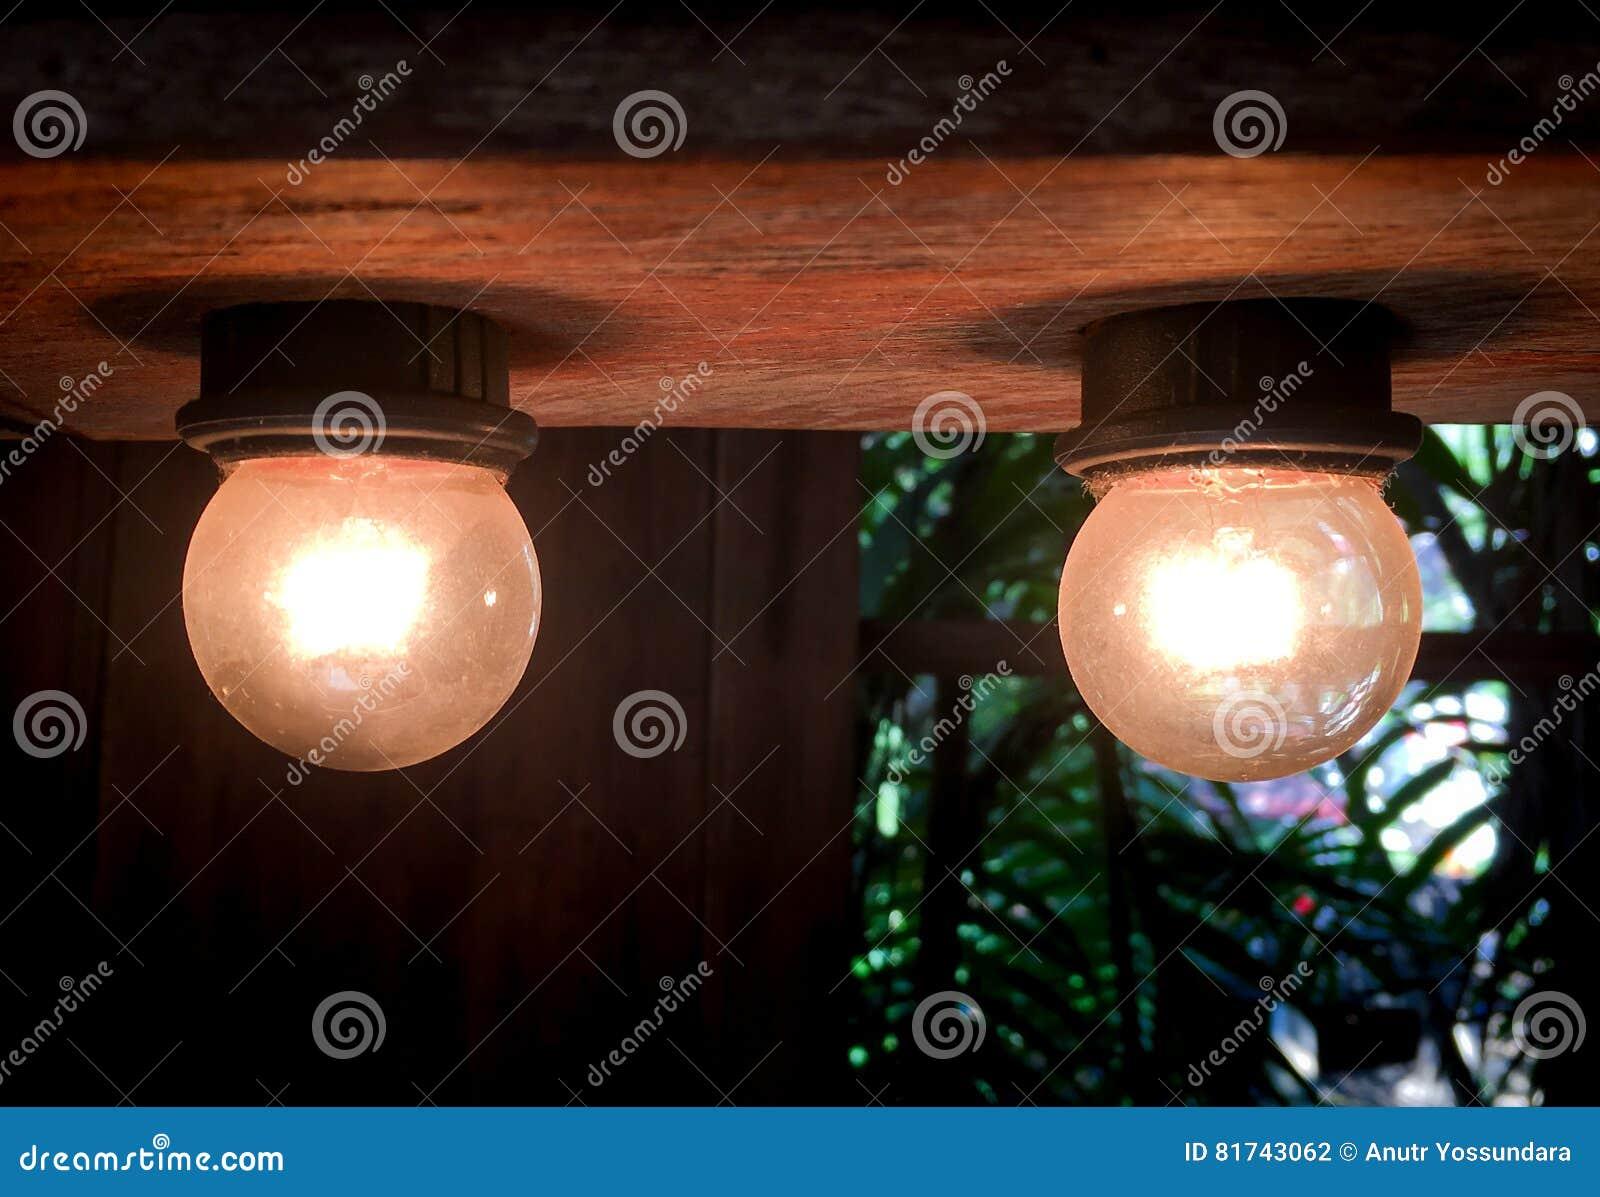 Винтажные электрические лампочки на деревянном потолке